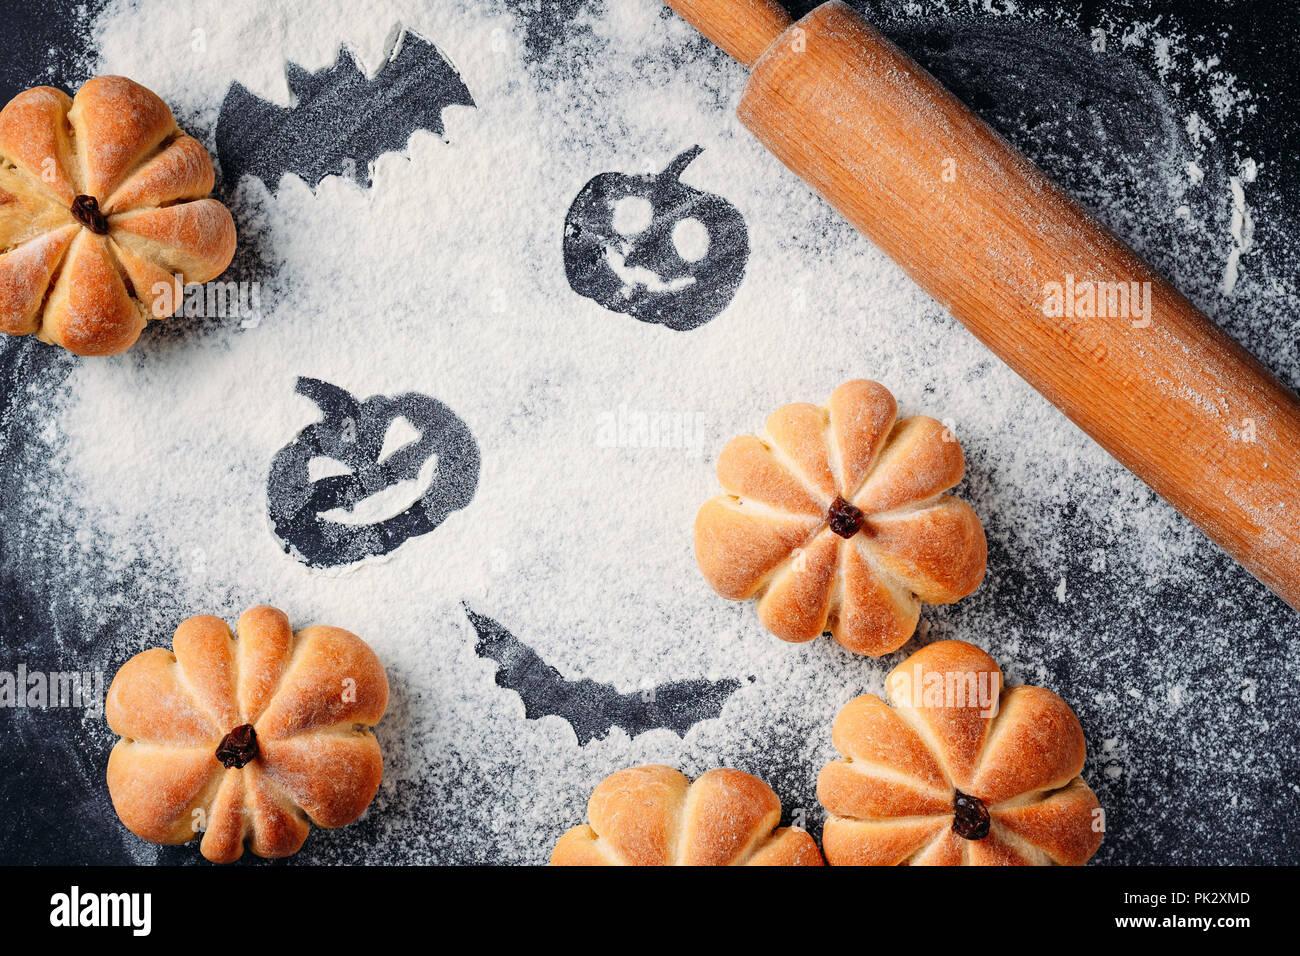 Torte fatte in casa a forma di zucca di Halloween e decorazioni su tavola. I 5a5b4b15e12c